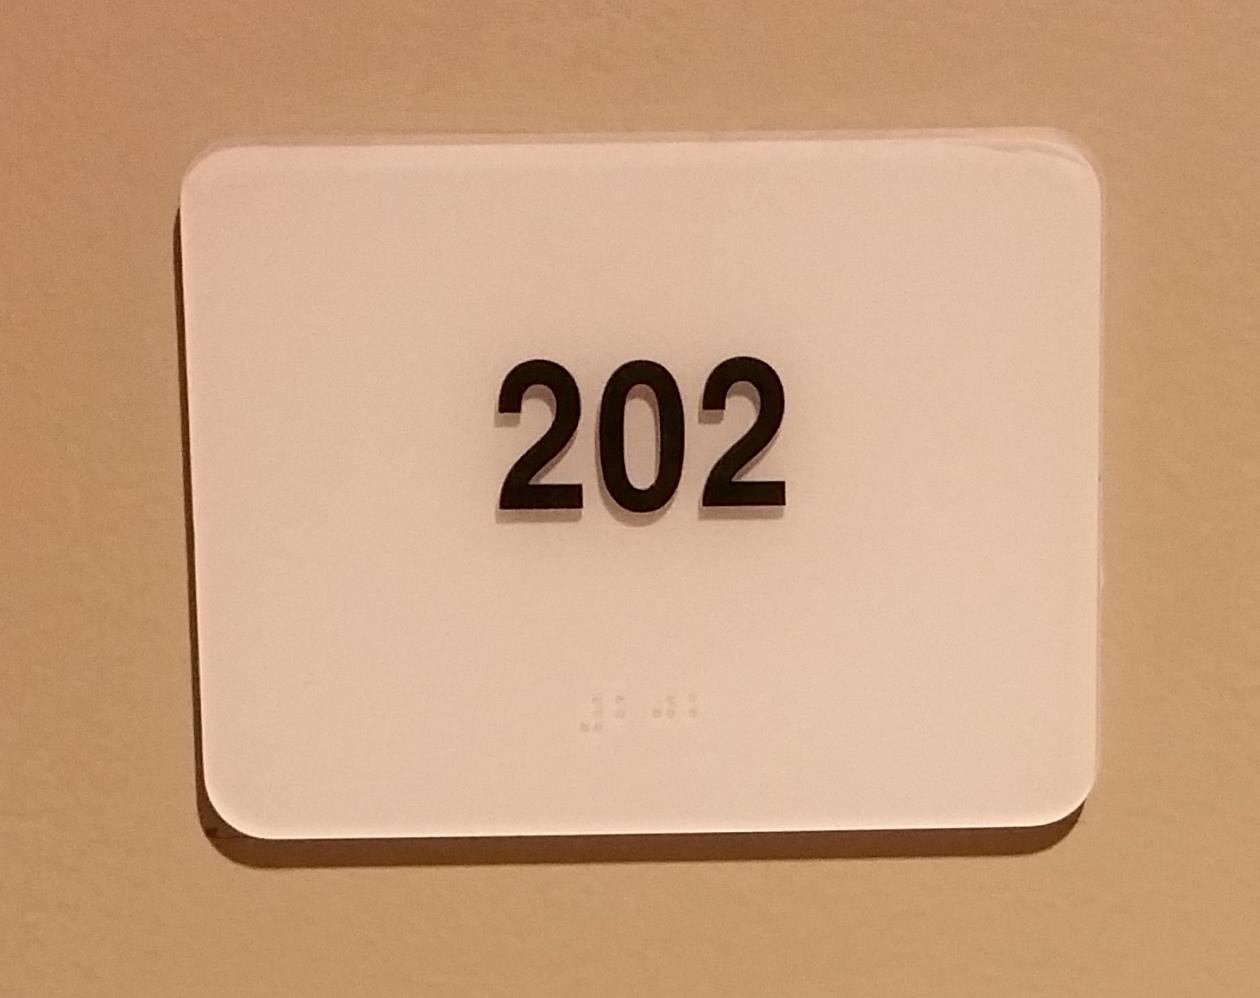 Photo of Lindner 202 room number